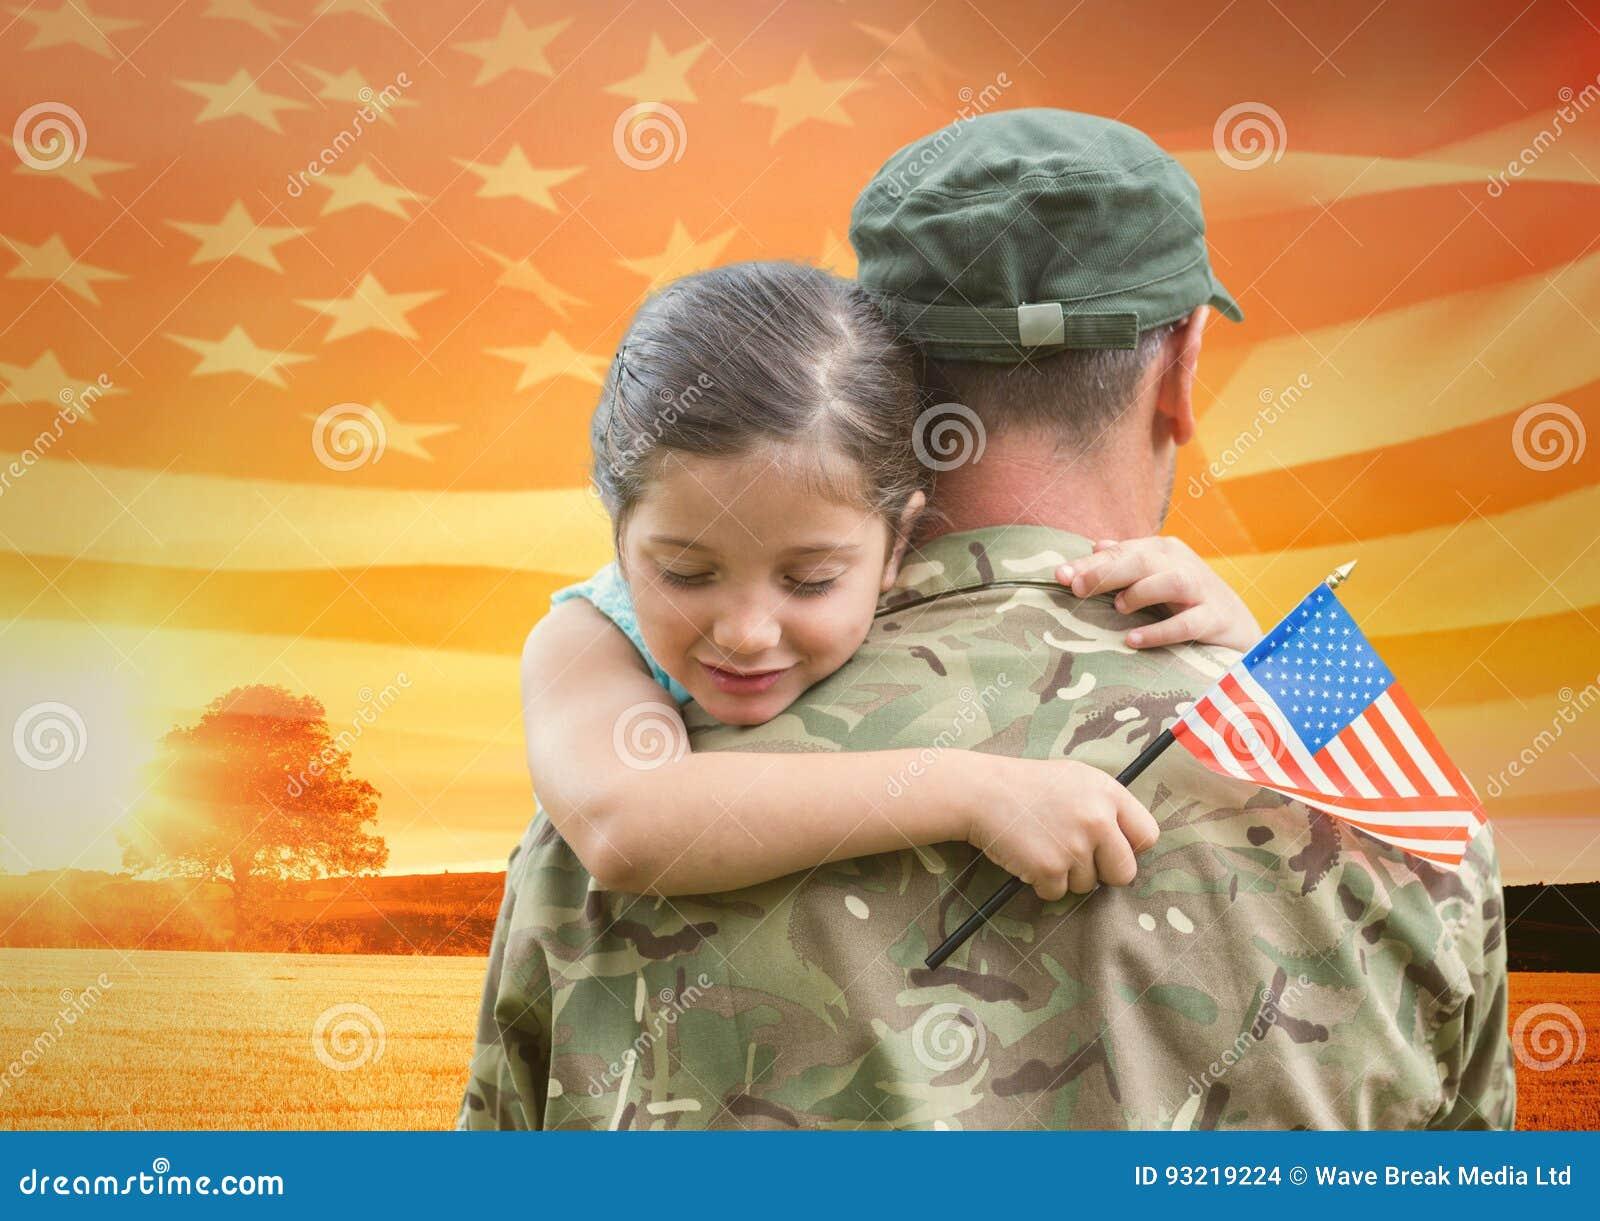 Soldat, der Tochter auf dem Gebiet mit USA-Flagge umarmt